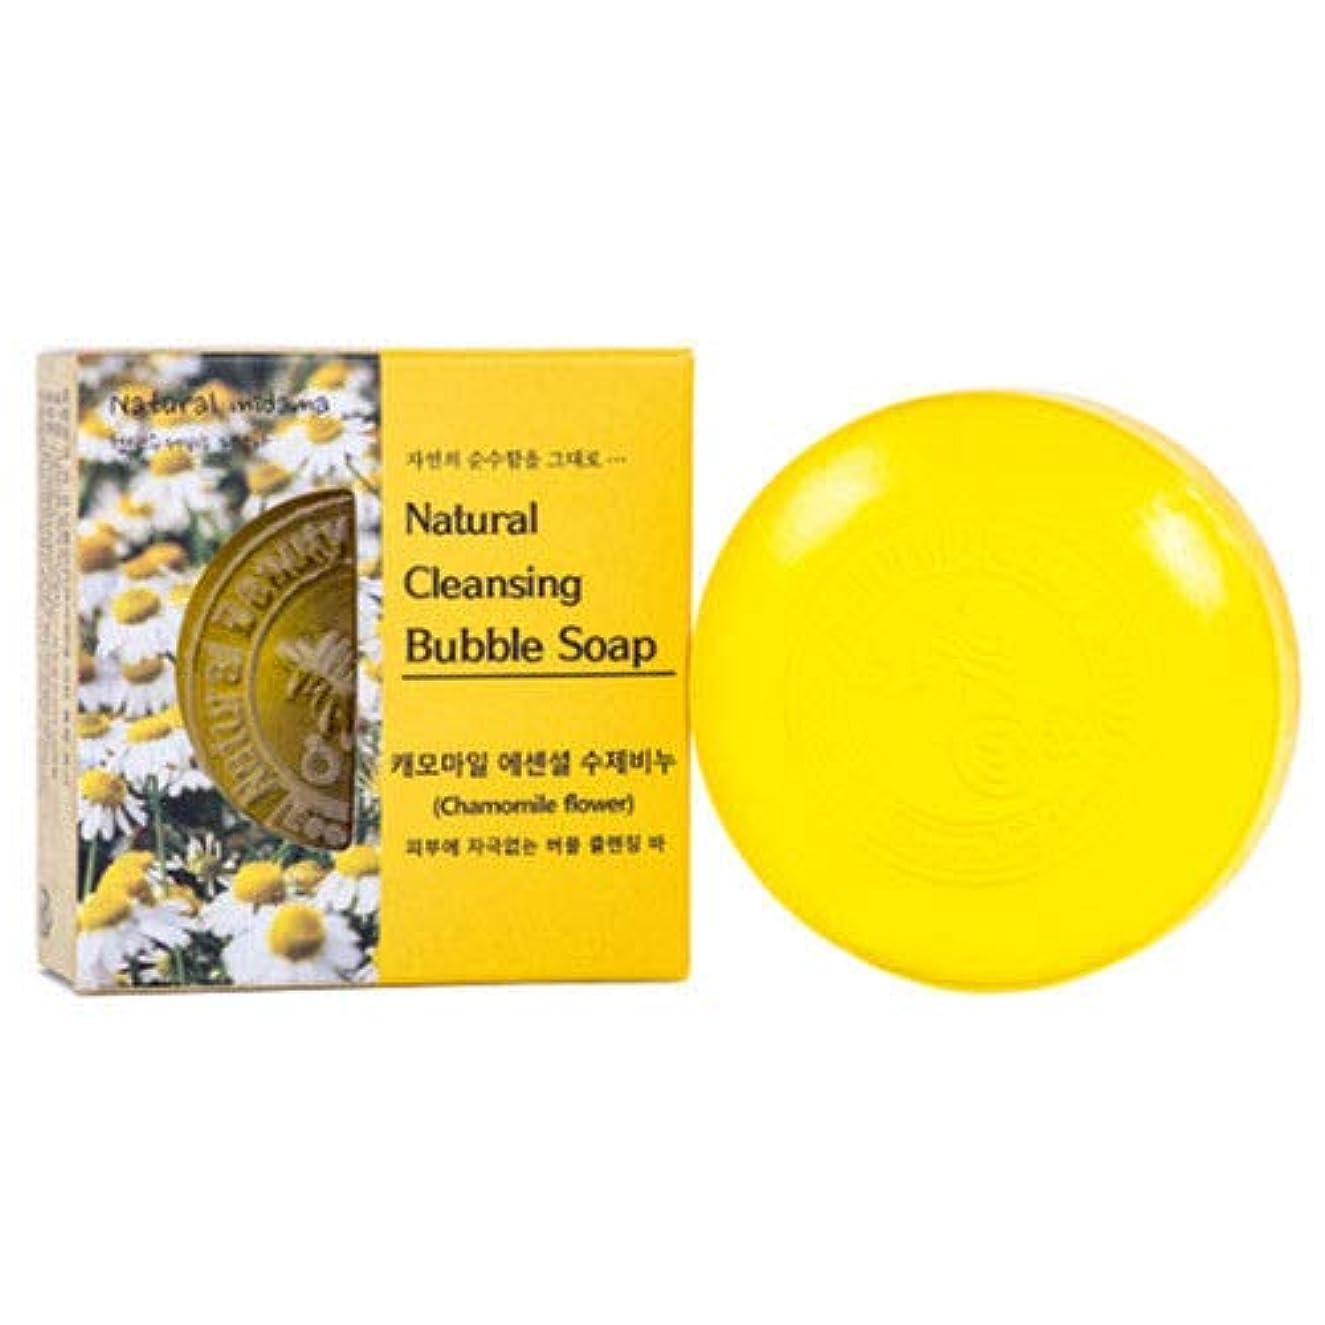 タンザニア流行類推天然 石鹸 ナチュラル バブル クレンジング バー/カモマイル ローズ ラベンダー せっけん Herb Oil Skin Soap 100g [並行輸入品] (カモマイル)